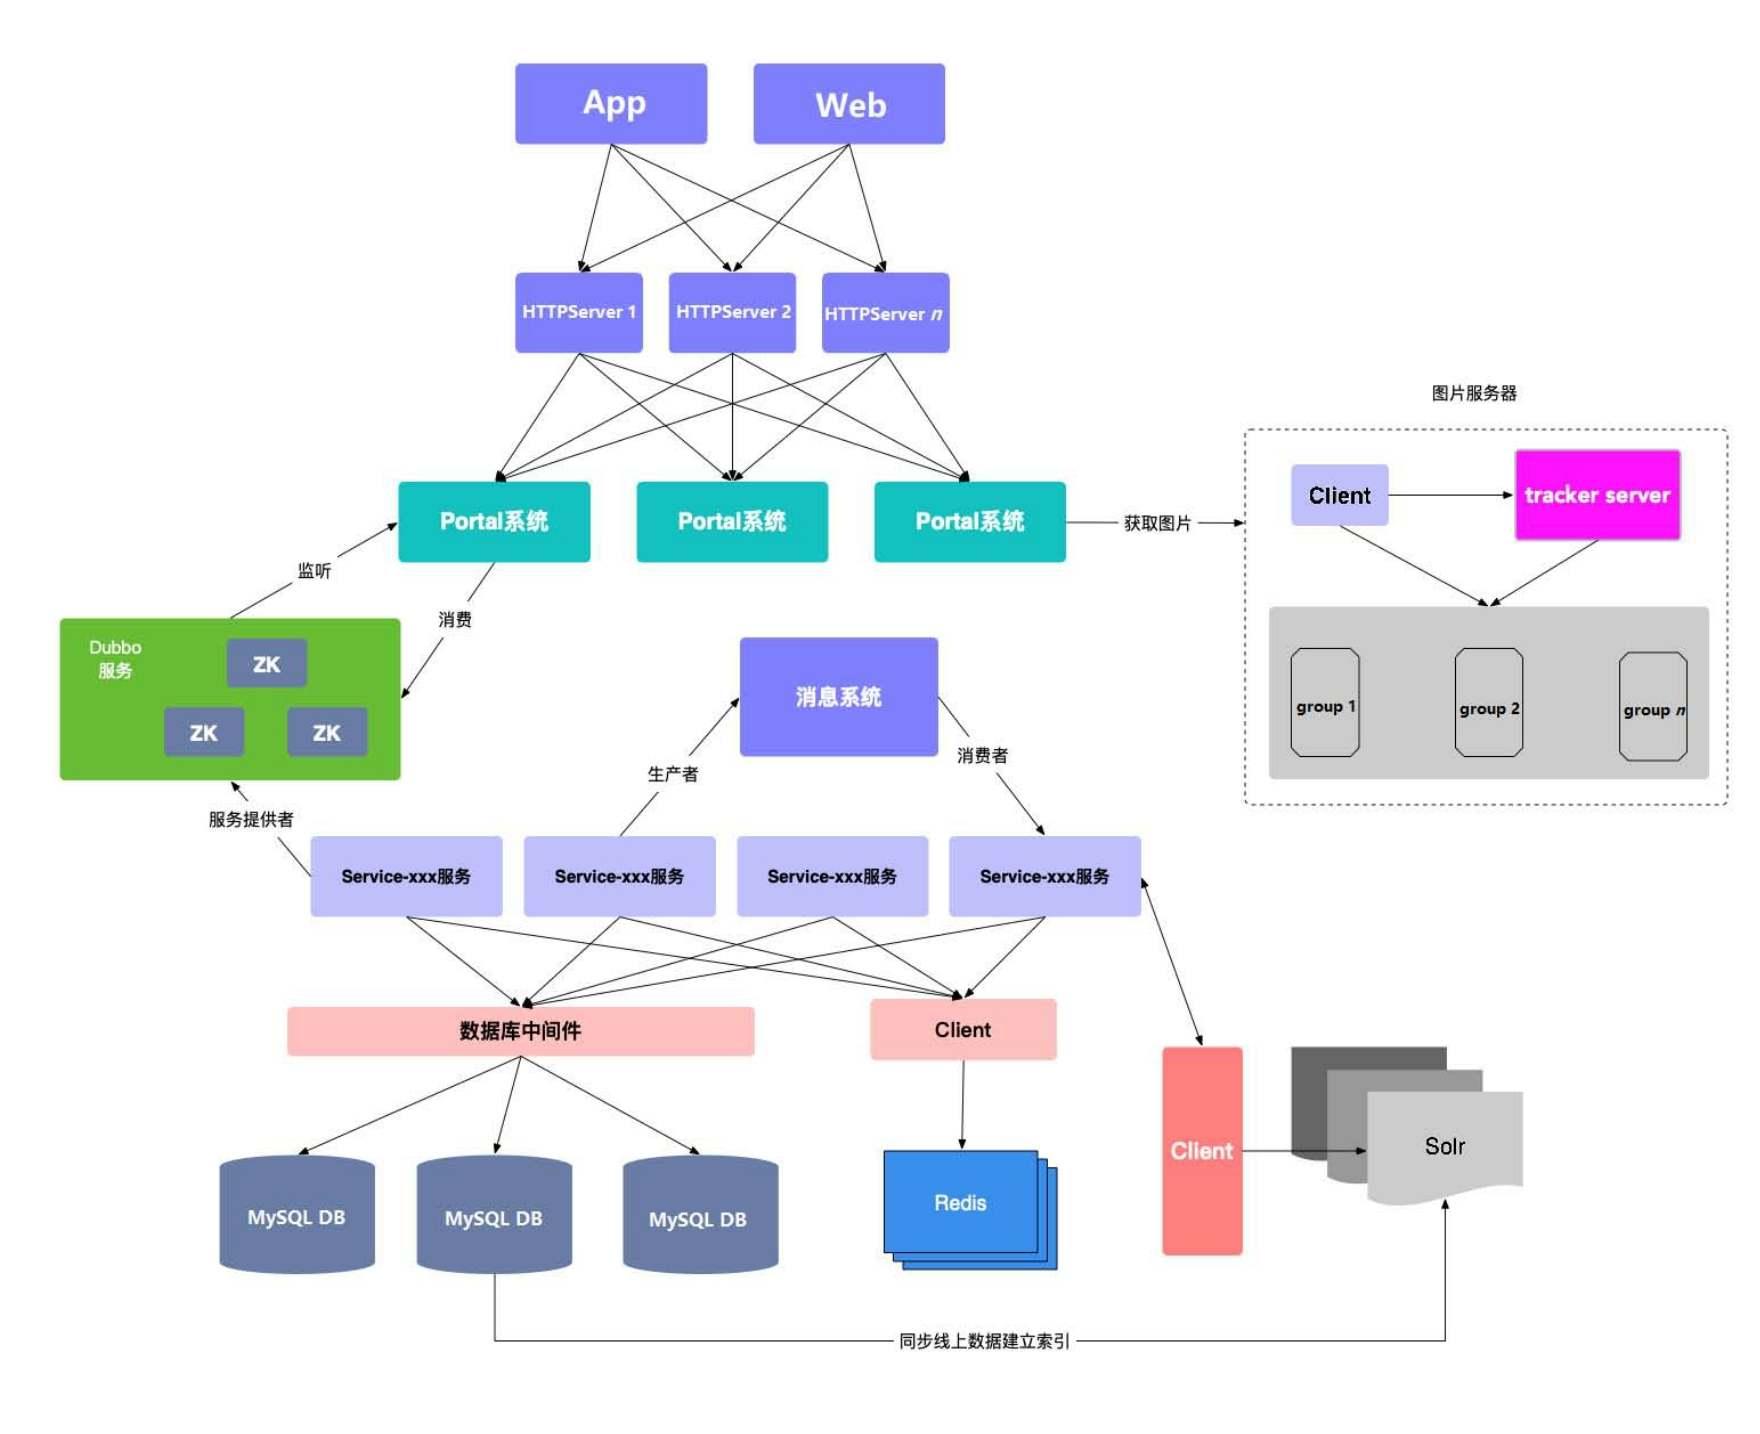 程序员架构修炼:架构设计概要,业务、应用、技术、数据架构